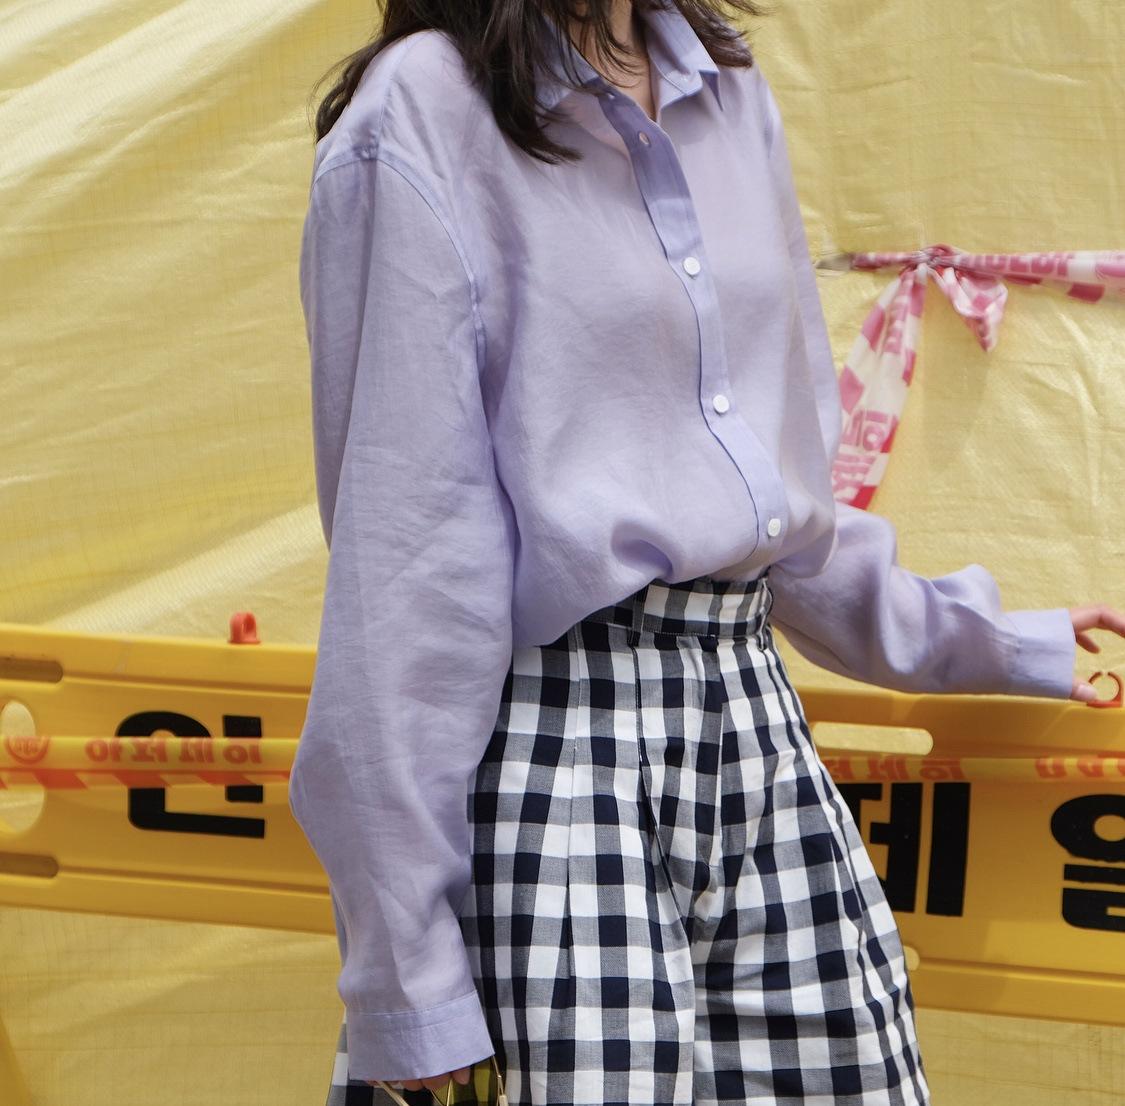 Áo sơ mi Louvre mùa hè mới Hàn Quốc chic áo sơ mi retro lỏng lẻo và hoang dã mát mẻ mỏng Tencel áo s